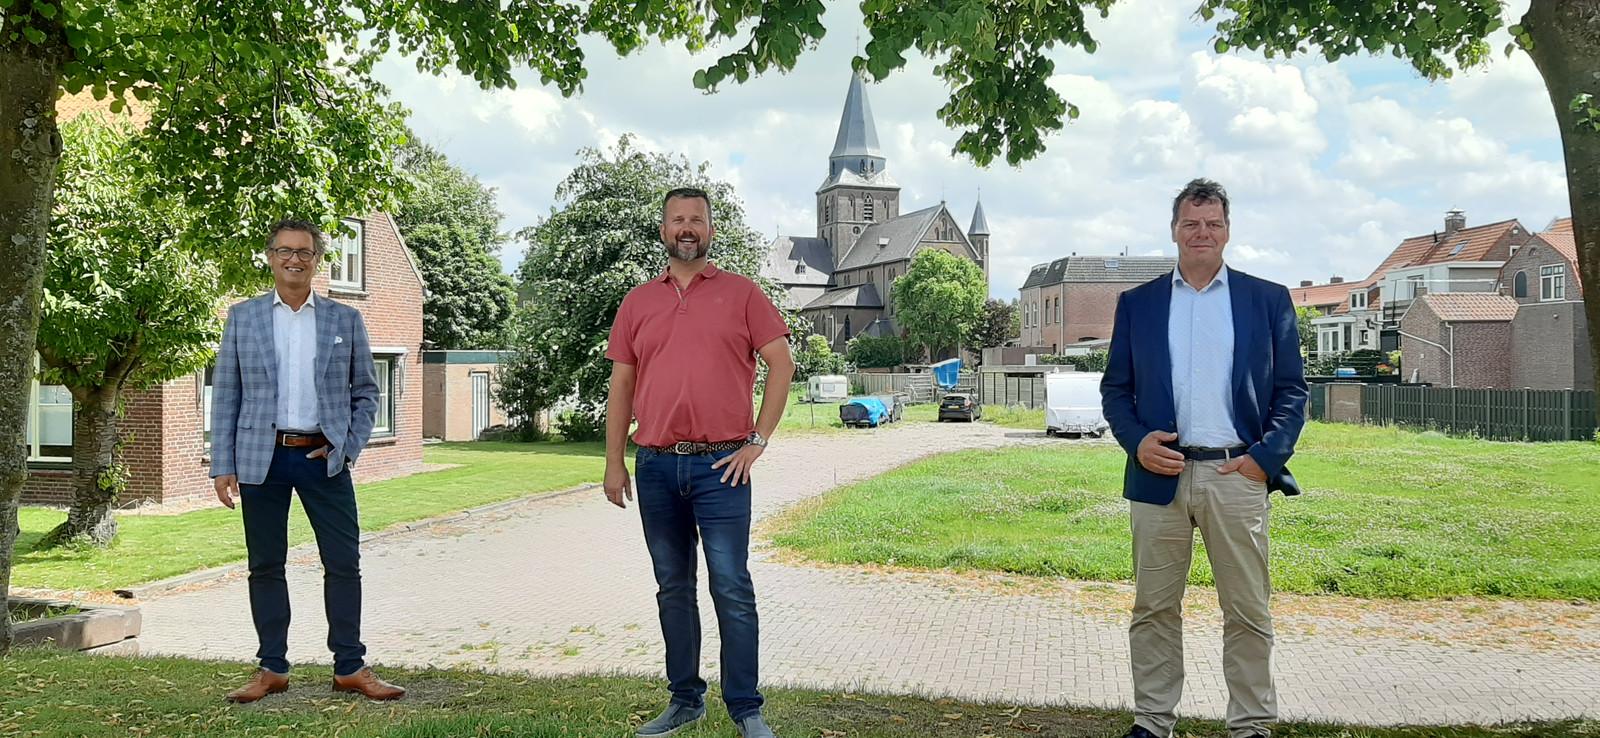 De drie hoofdrolspelers voor het plan Rebus in Stampersgat. Vlnr Wethouder Hans Wierikx, William Vermunt van de Samenstichting en Ruud van den Boom, directeur Woonkwartier.